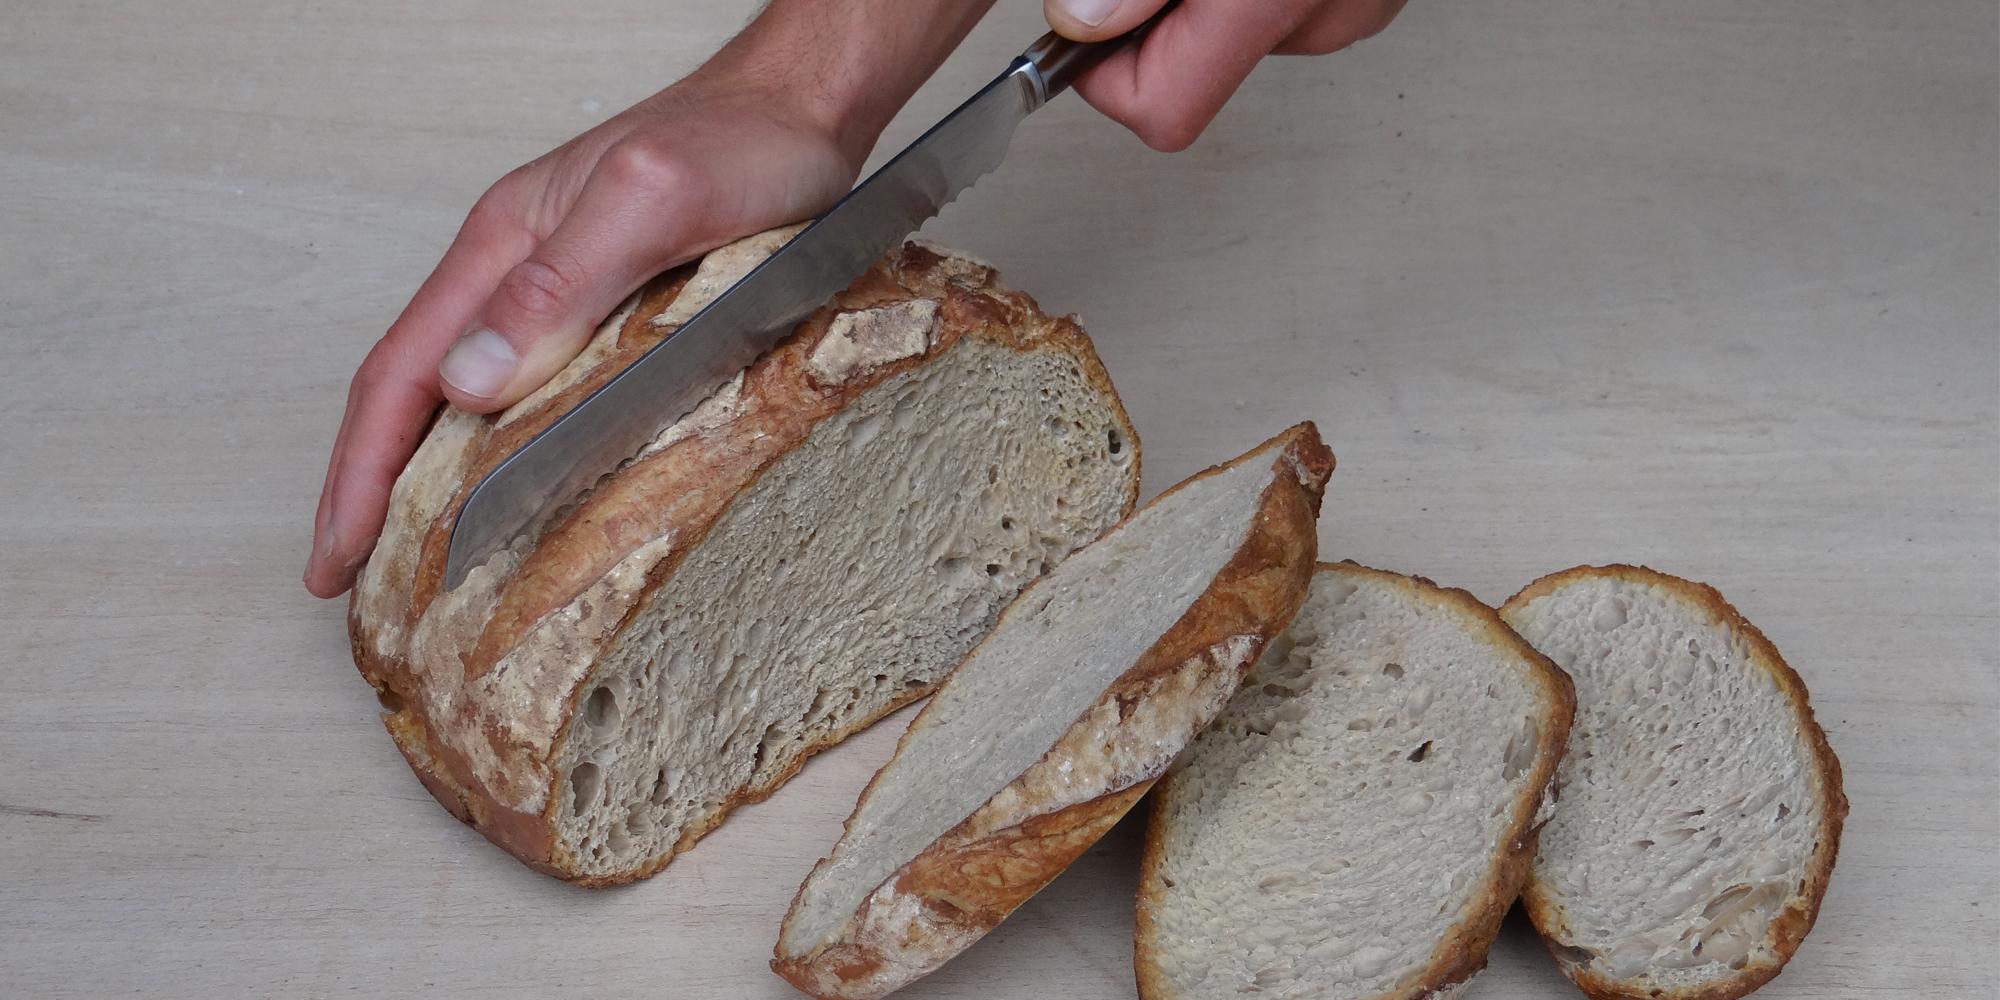 voici un pain factice tellement crédible que l'on s'y tromperait